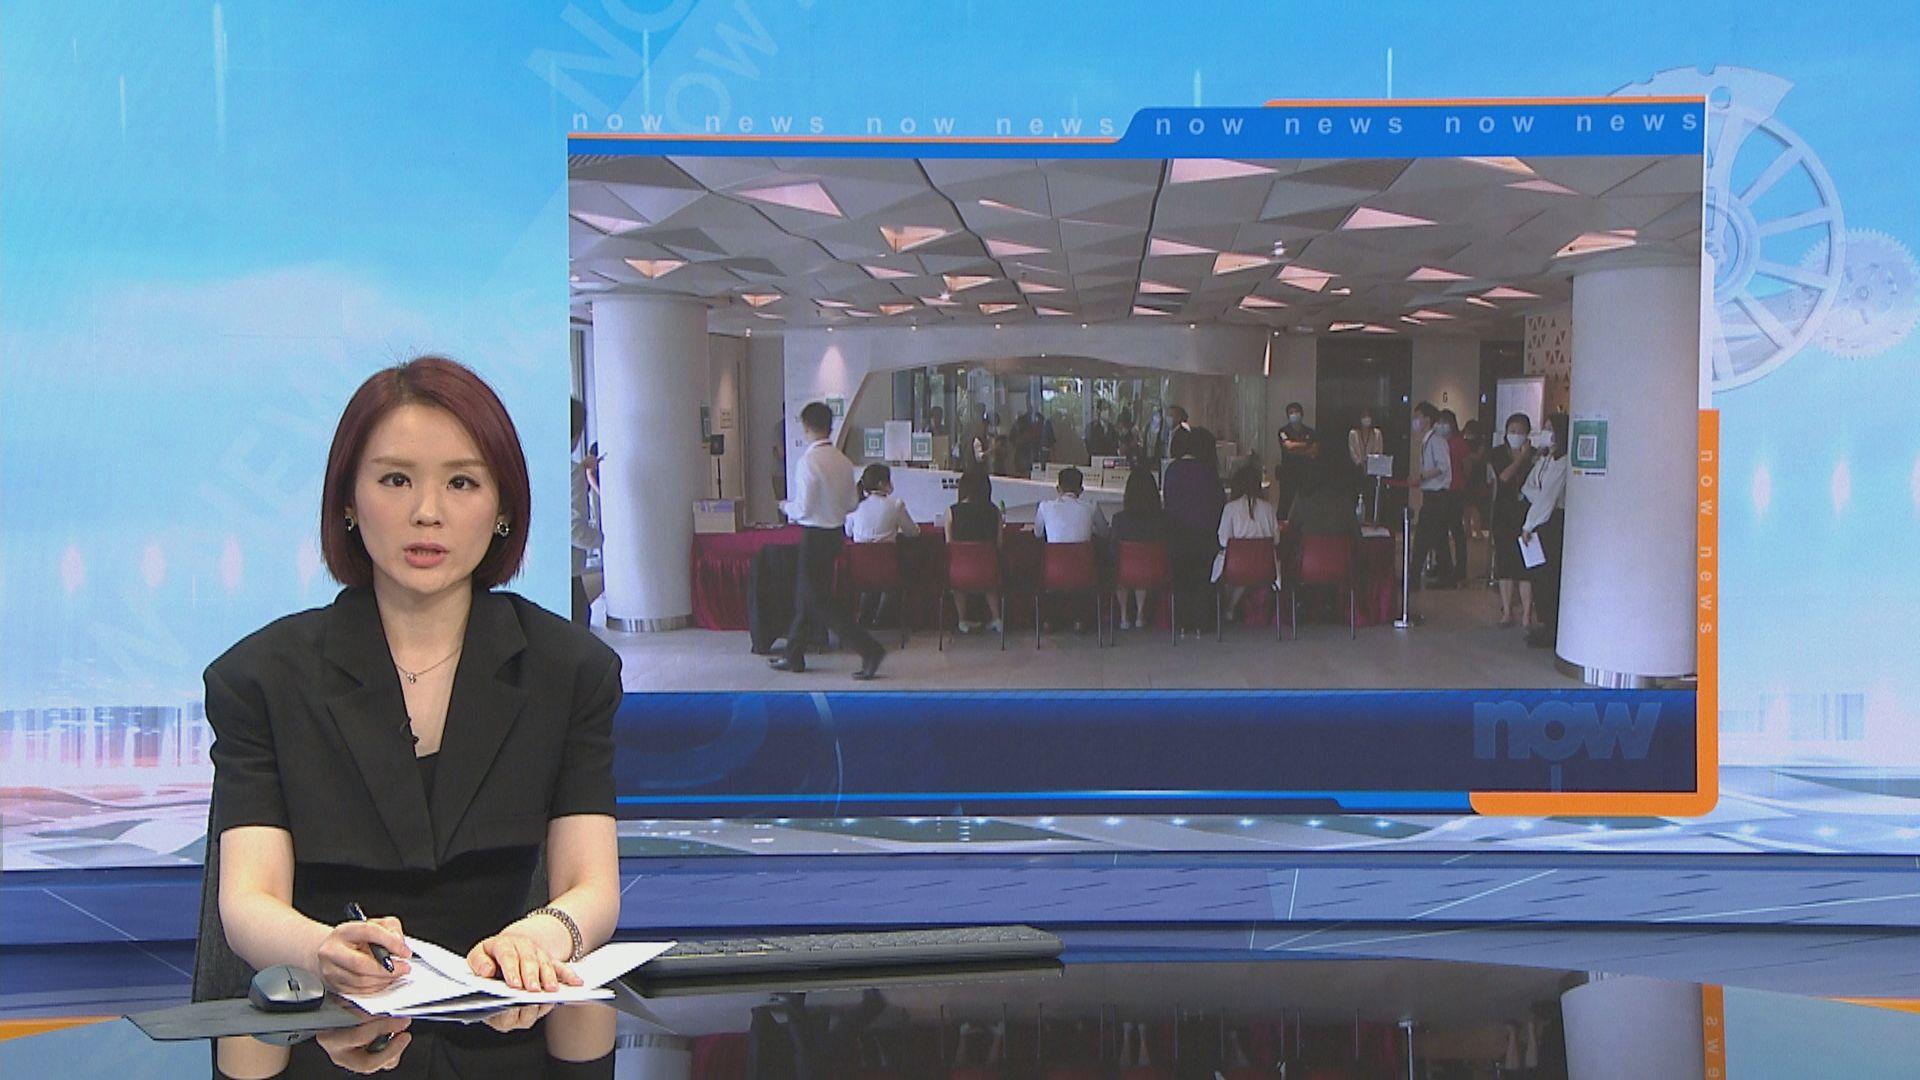 蔡志強缺席區議員宣誓失去議席 政府稍後公布結果會跟進有問個案